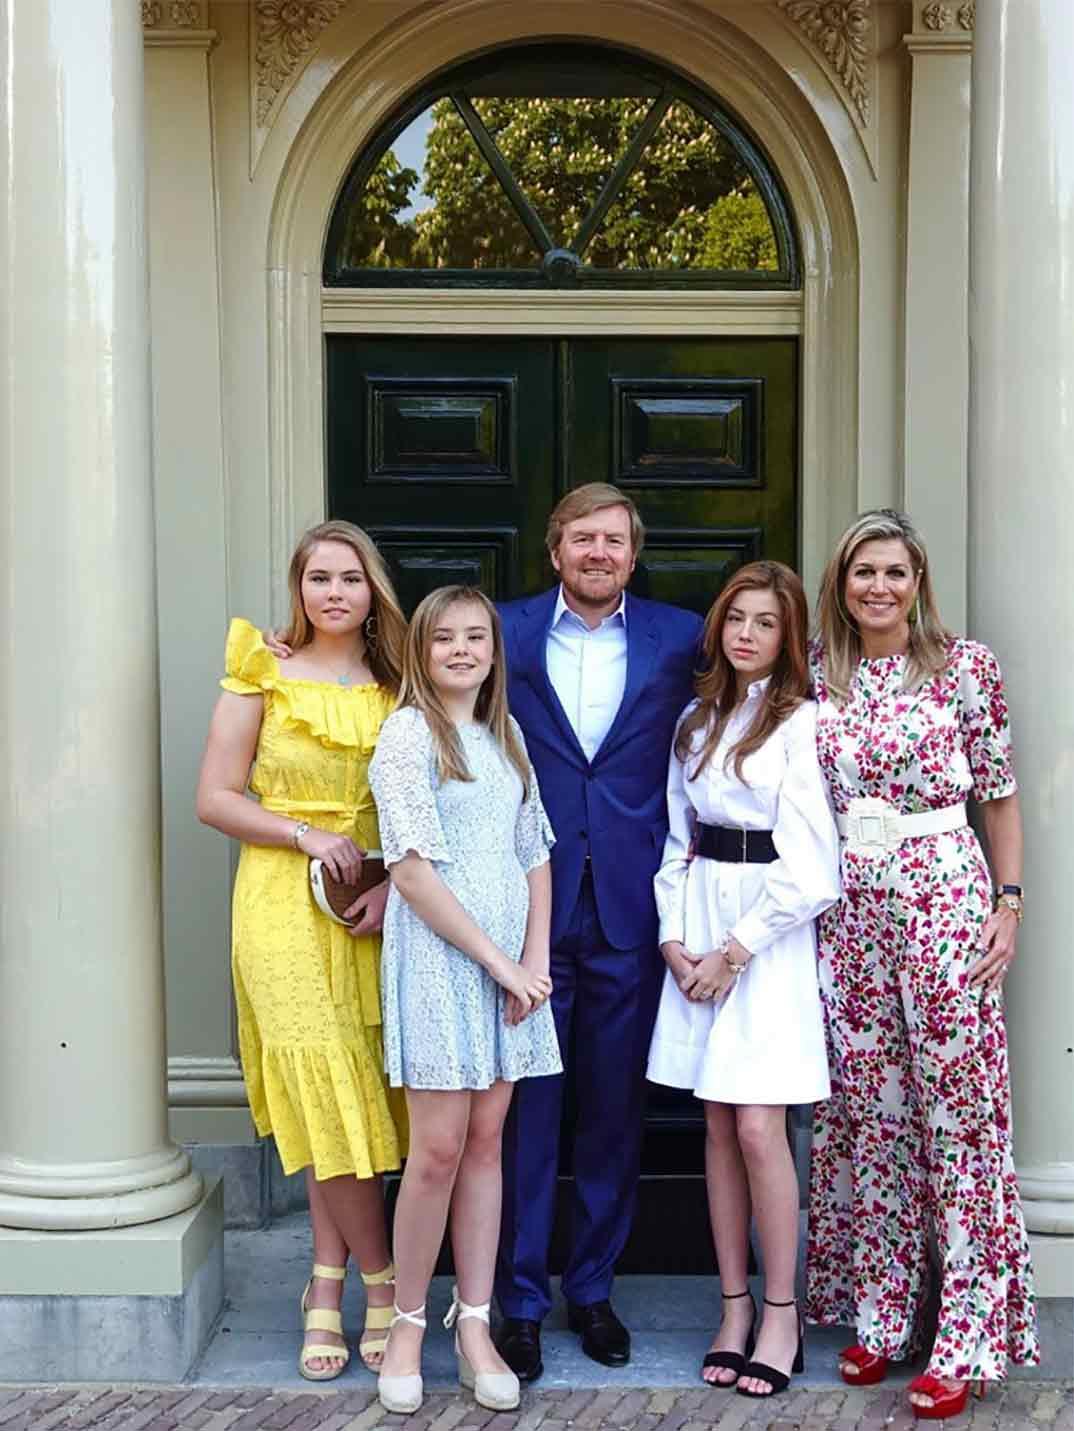 El rey Guillermo, la reina Máxima y sus tres hijas © koninklijkhuis/Instagram